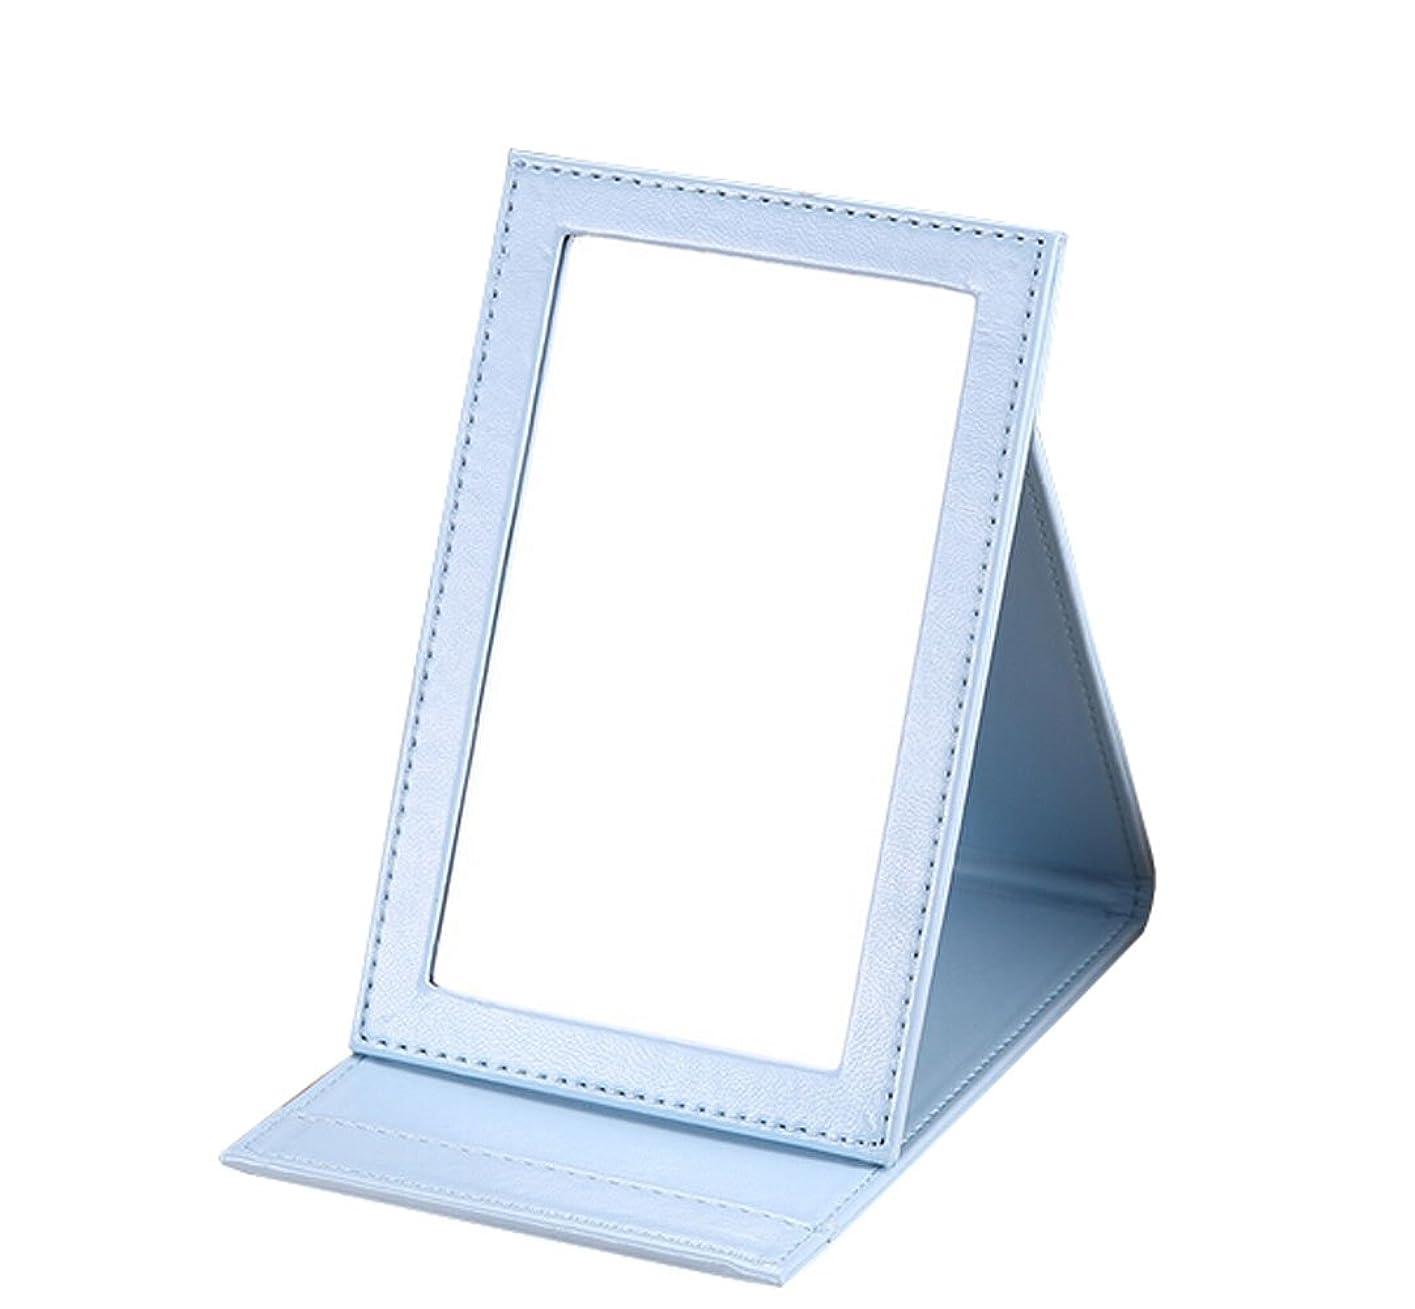 反映する電気的約雲の花 革の化粧鏡に手のデスクトップに化粧鏡を持って折りたたみ式にして折り畳む鏡 (ブルー)